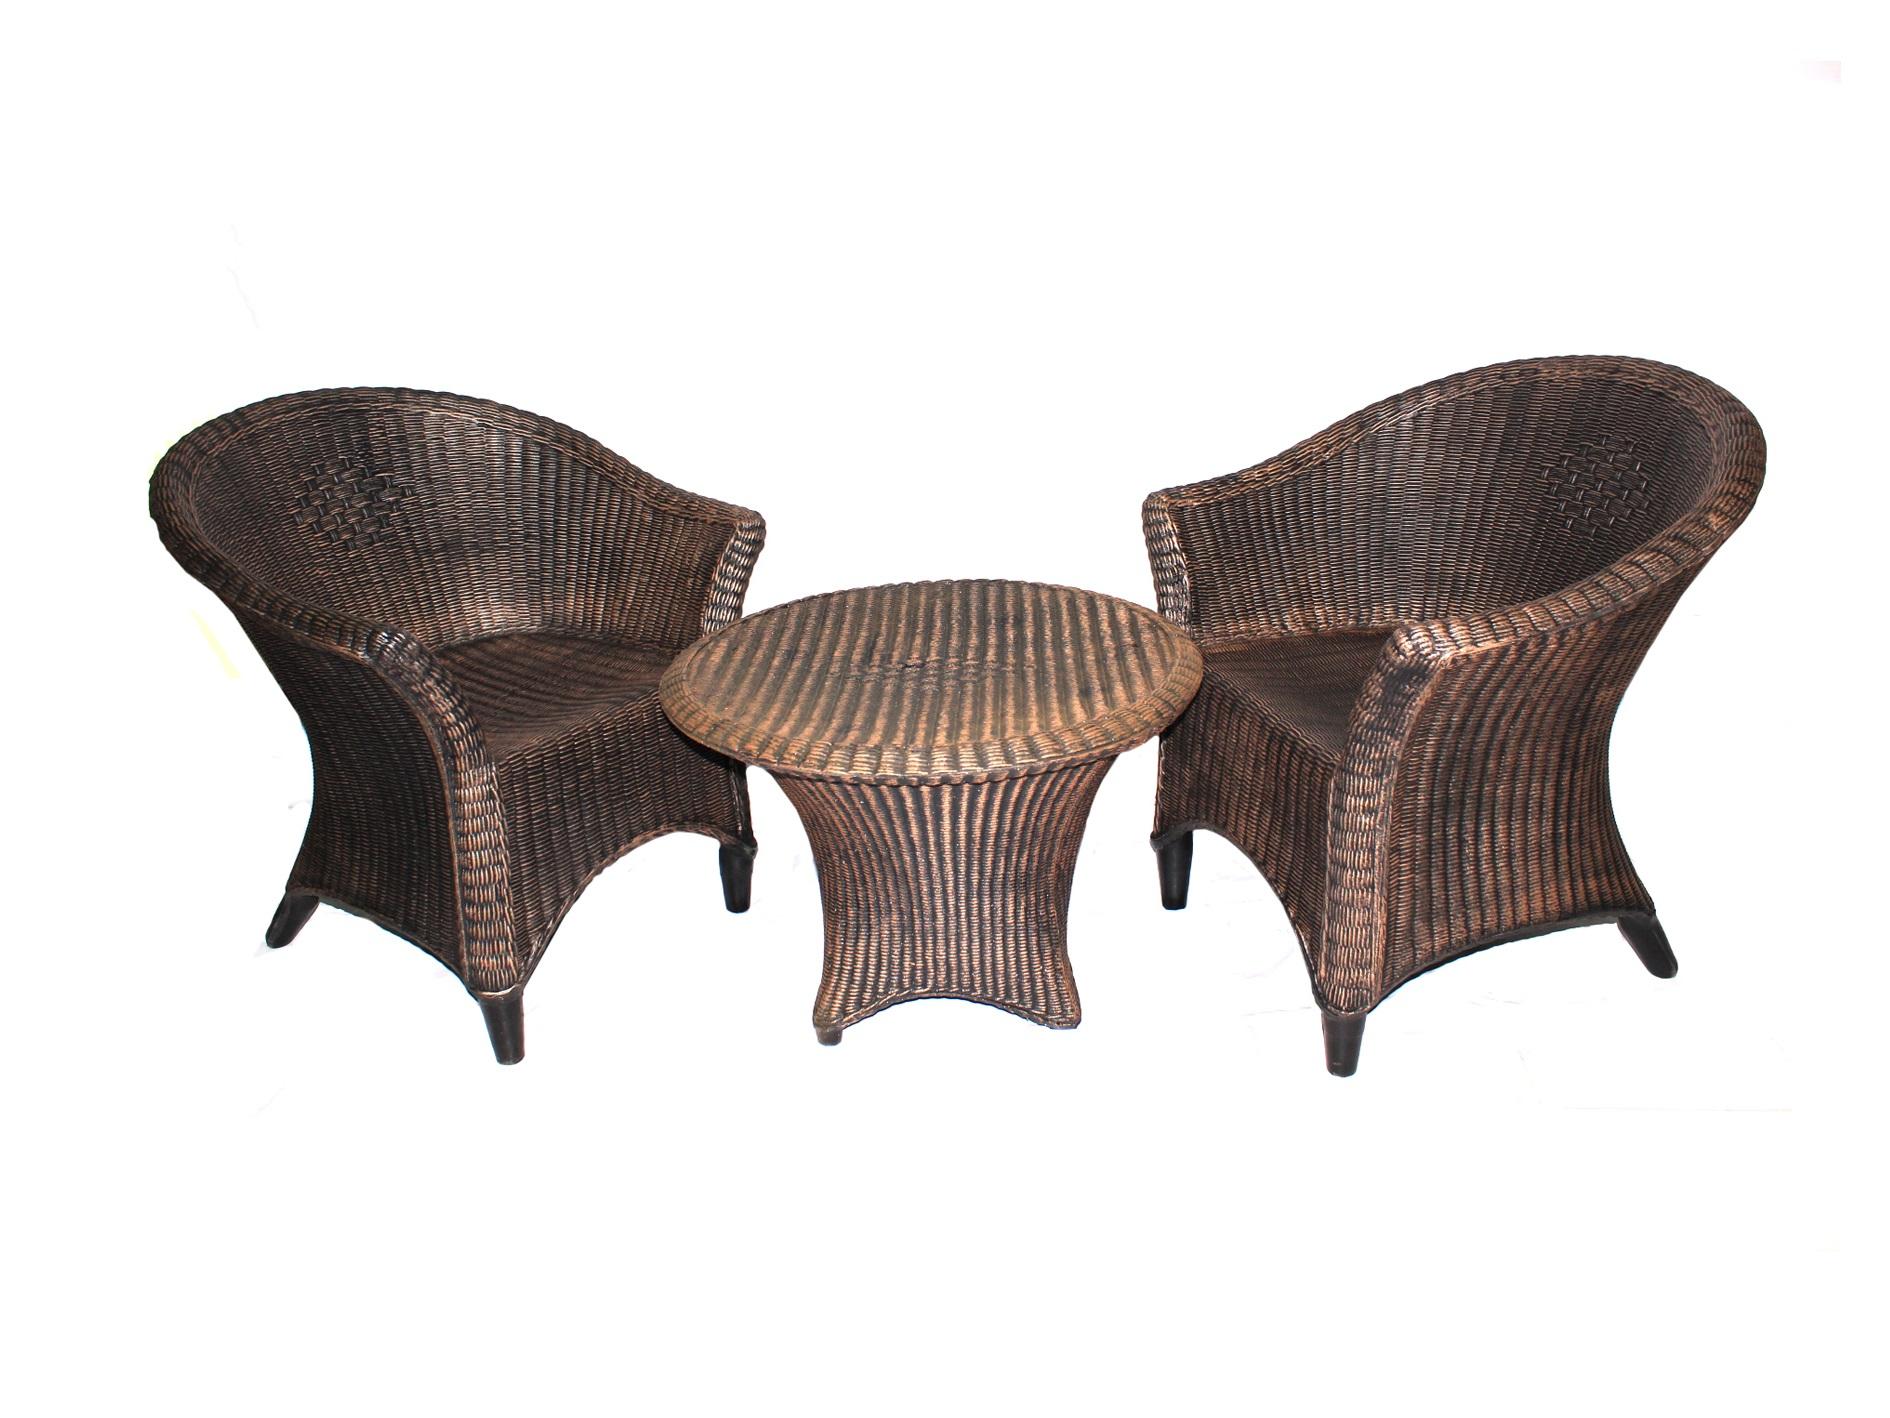 Комплект мебели Ротанг (3 предмета)Комплекты уличной мебели<br>Набор мебели &amp;quot;Ротанг&amp;quot; (Стол маленький + два кресла) сделан из монолита пластика, что позволяет ему избежать любых видов повреждений.&amp;amp;nbsp;&amp;lt;div&amp;gt;Размер стола?67х47&amp;lt;/div&amp;gt;&amp;lt;div&amp;gt;Размер кресла: 75х60х65.&amp;amp;nbsp;&amp;lt;/div&amp;gt;<br><br>Material: Пластик<br>Ширина см: 75<br>Высота см: 60<br>Глубина см: 65